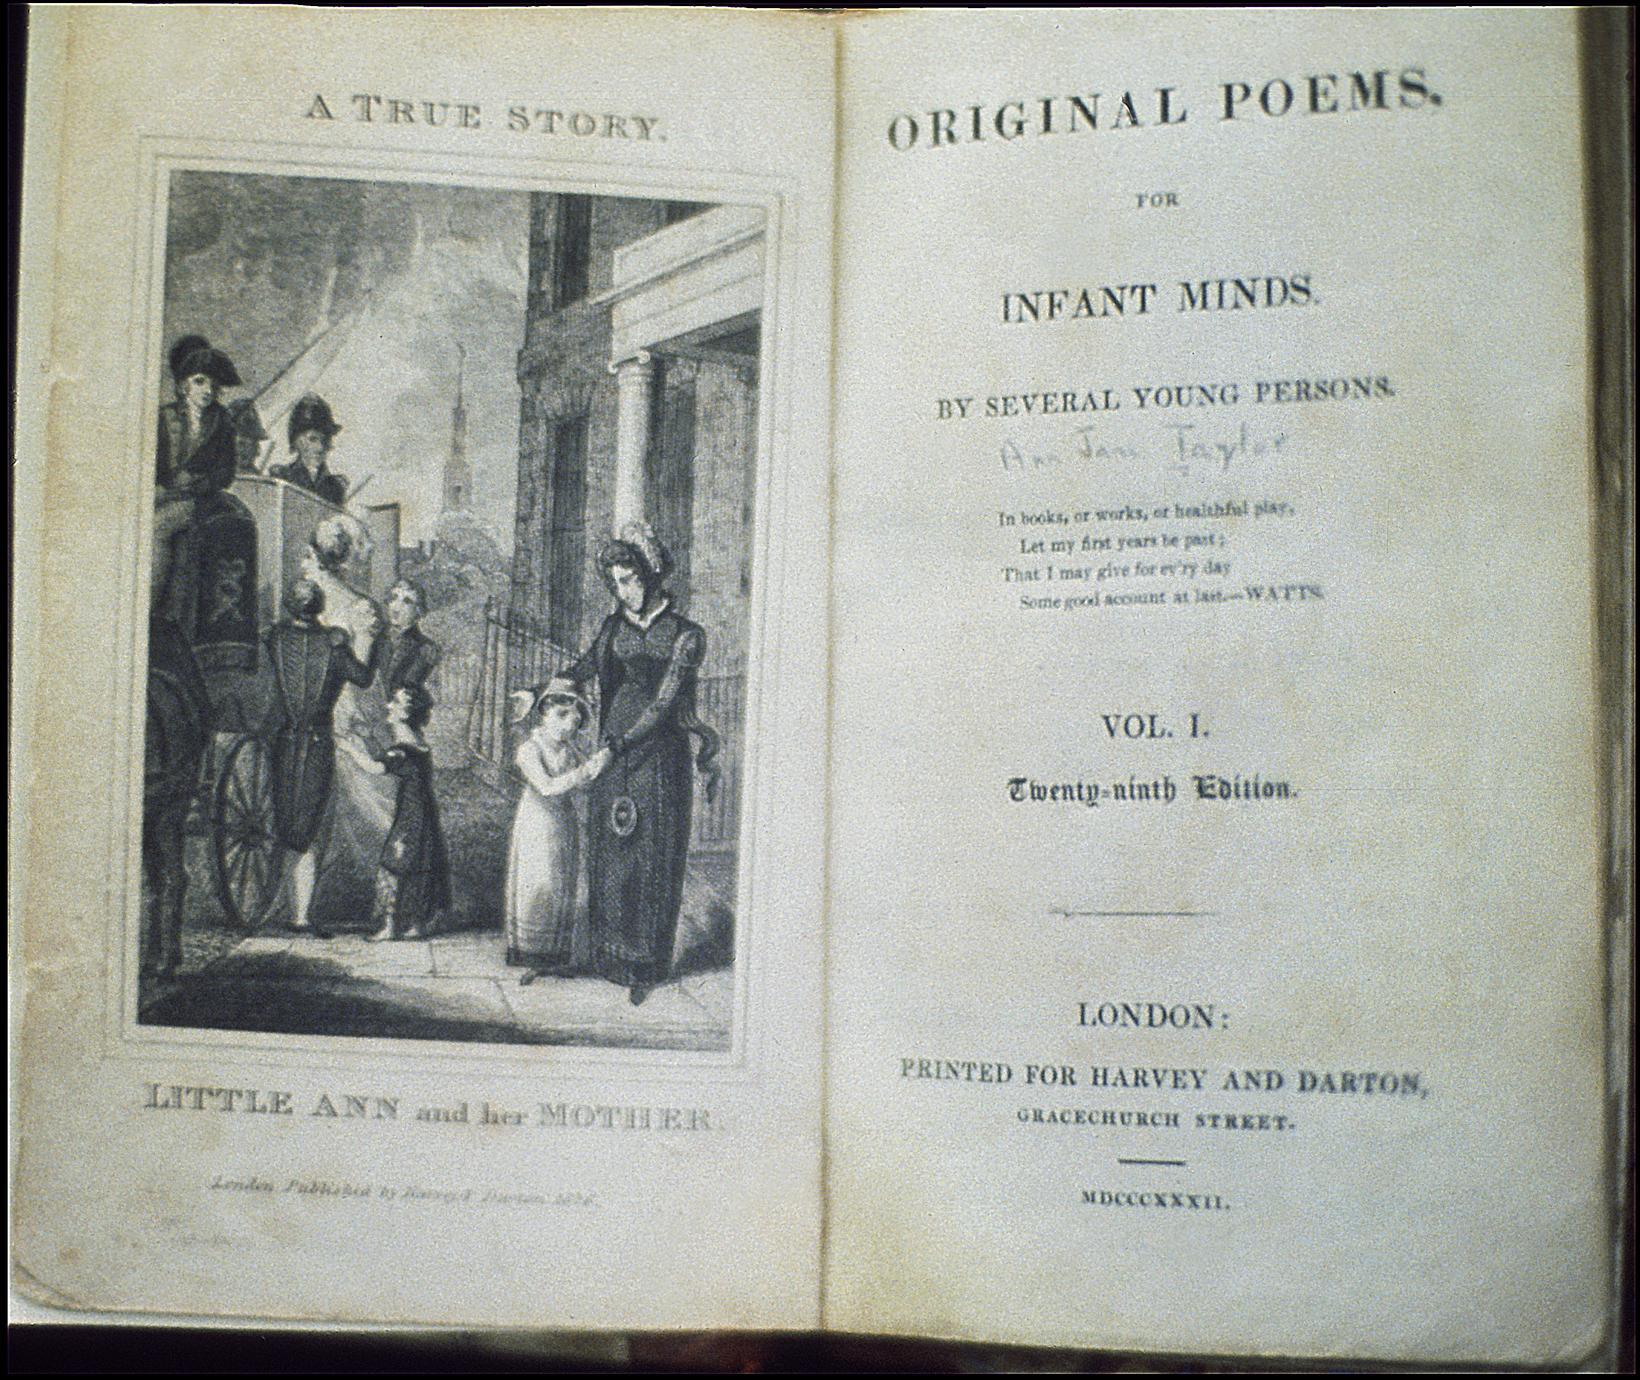 Original poems : for infant minds